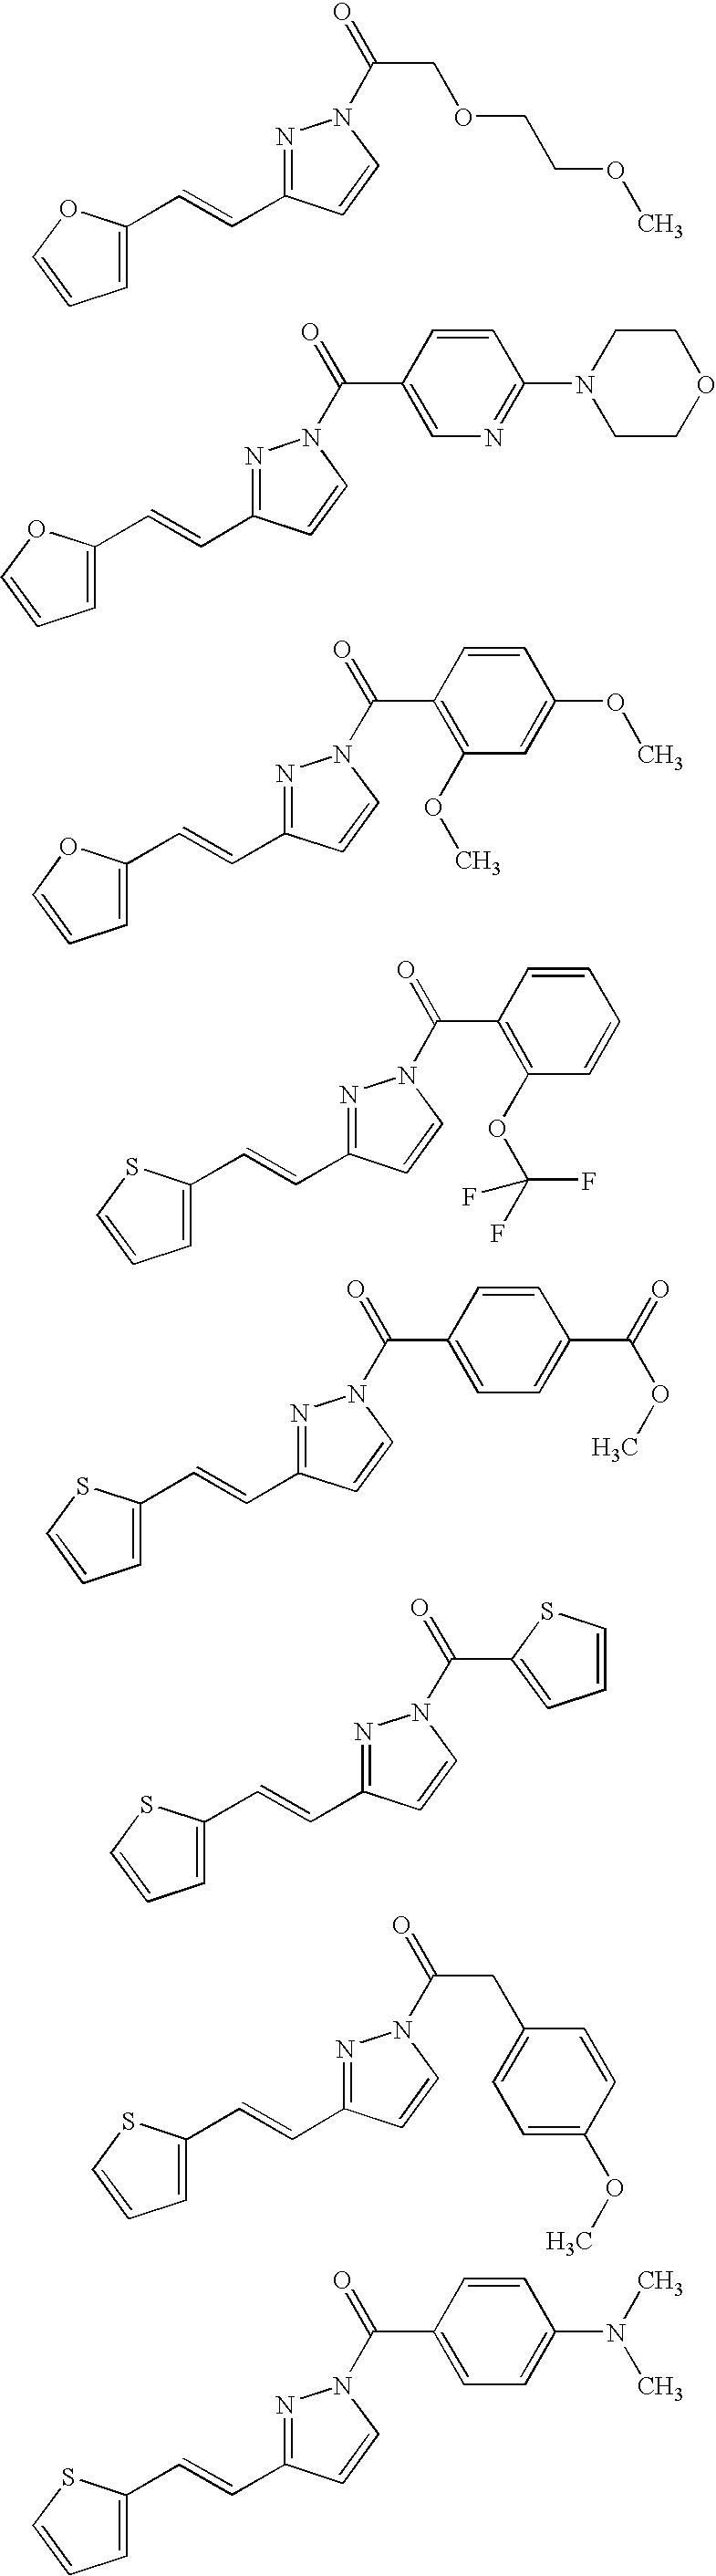 Figure US07192976-20070320-C00073